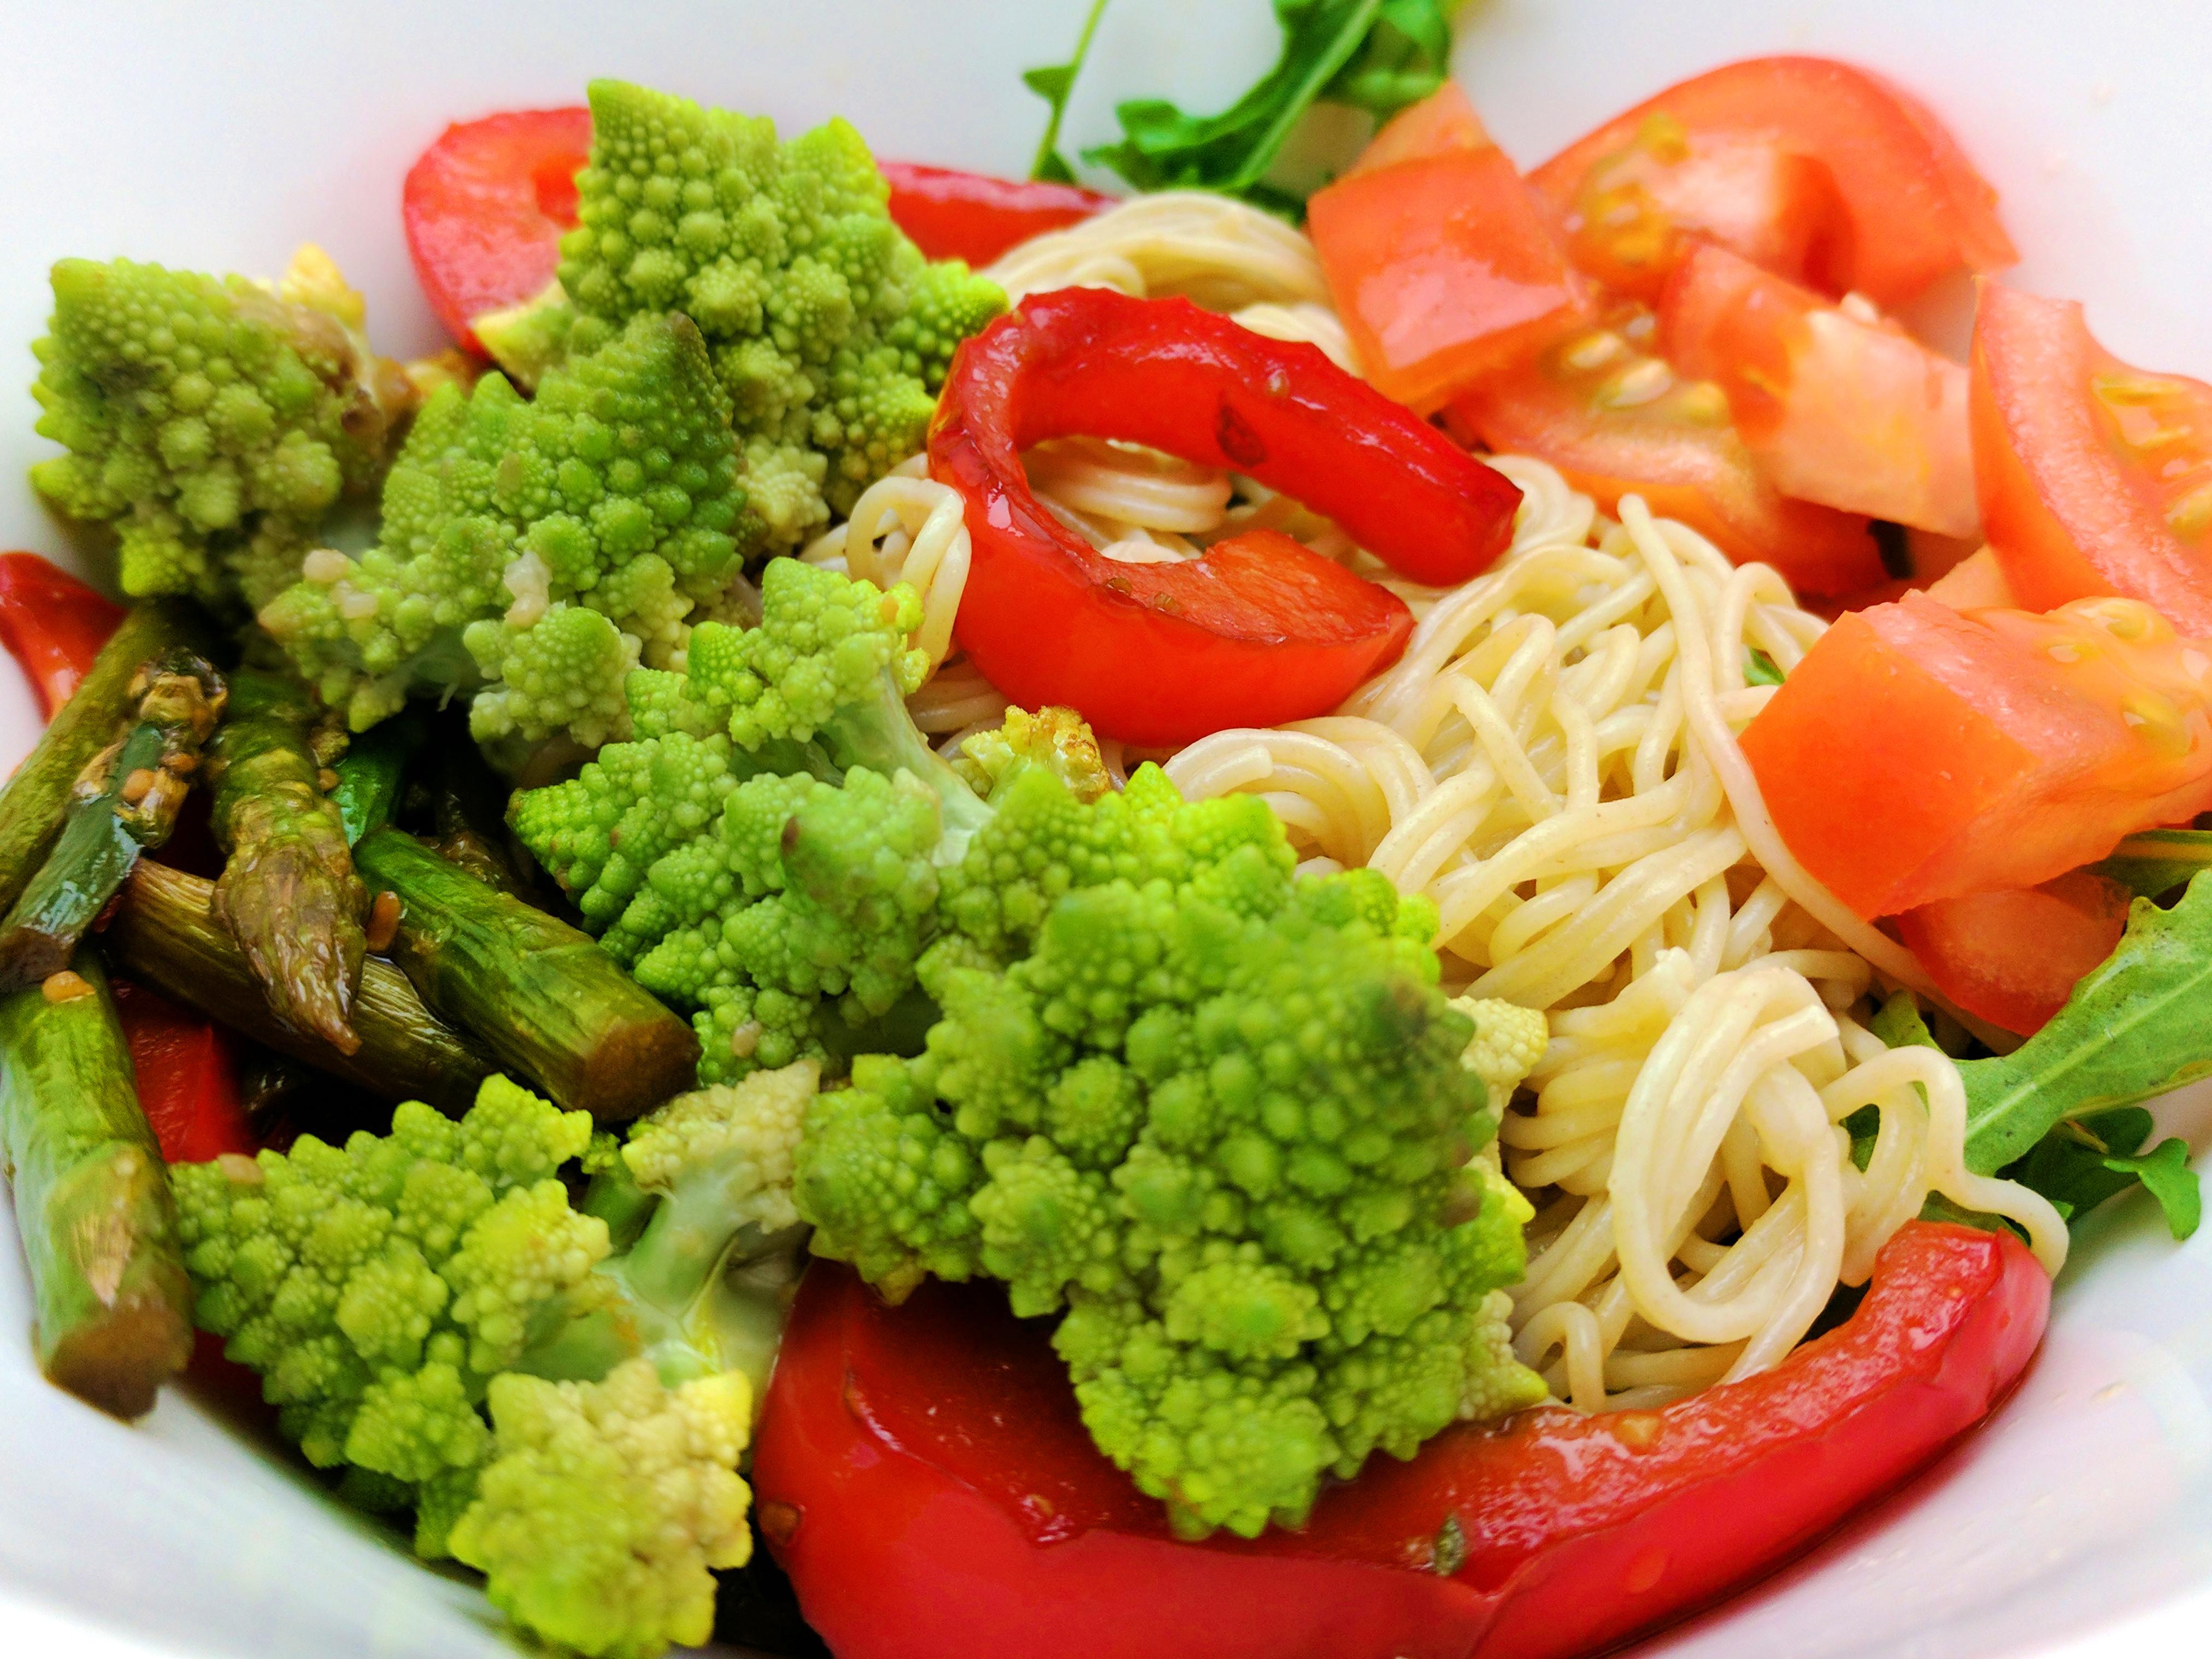 veganfoodshare Archives – Veg In OC